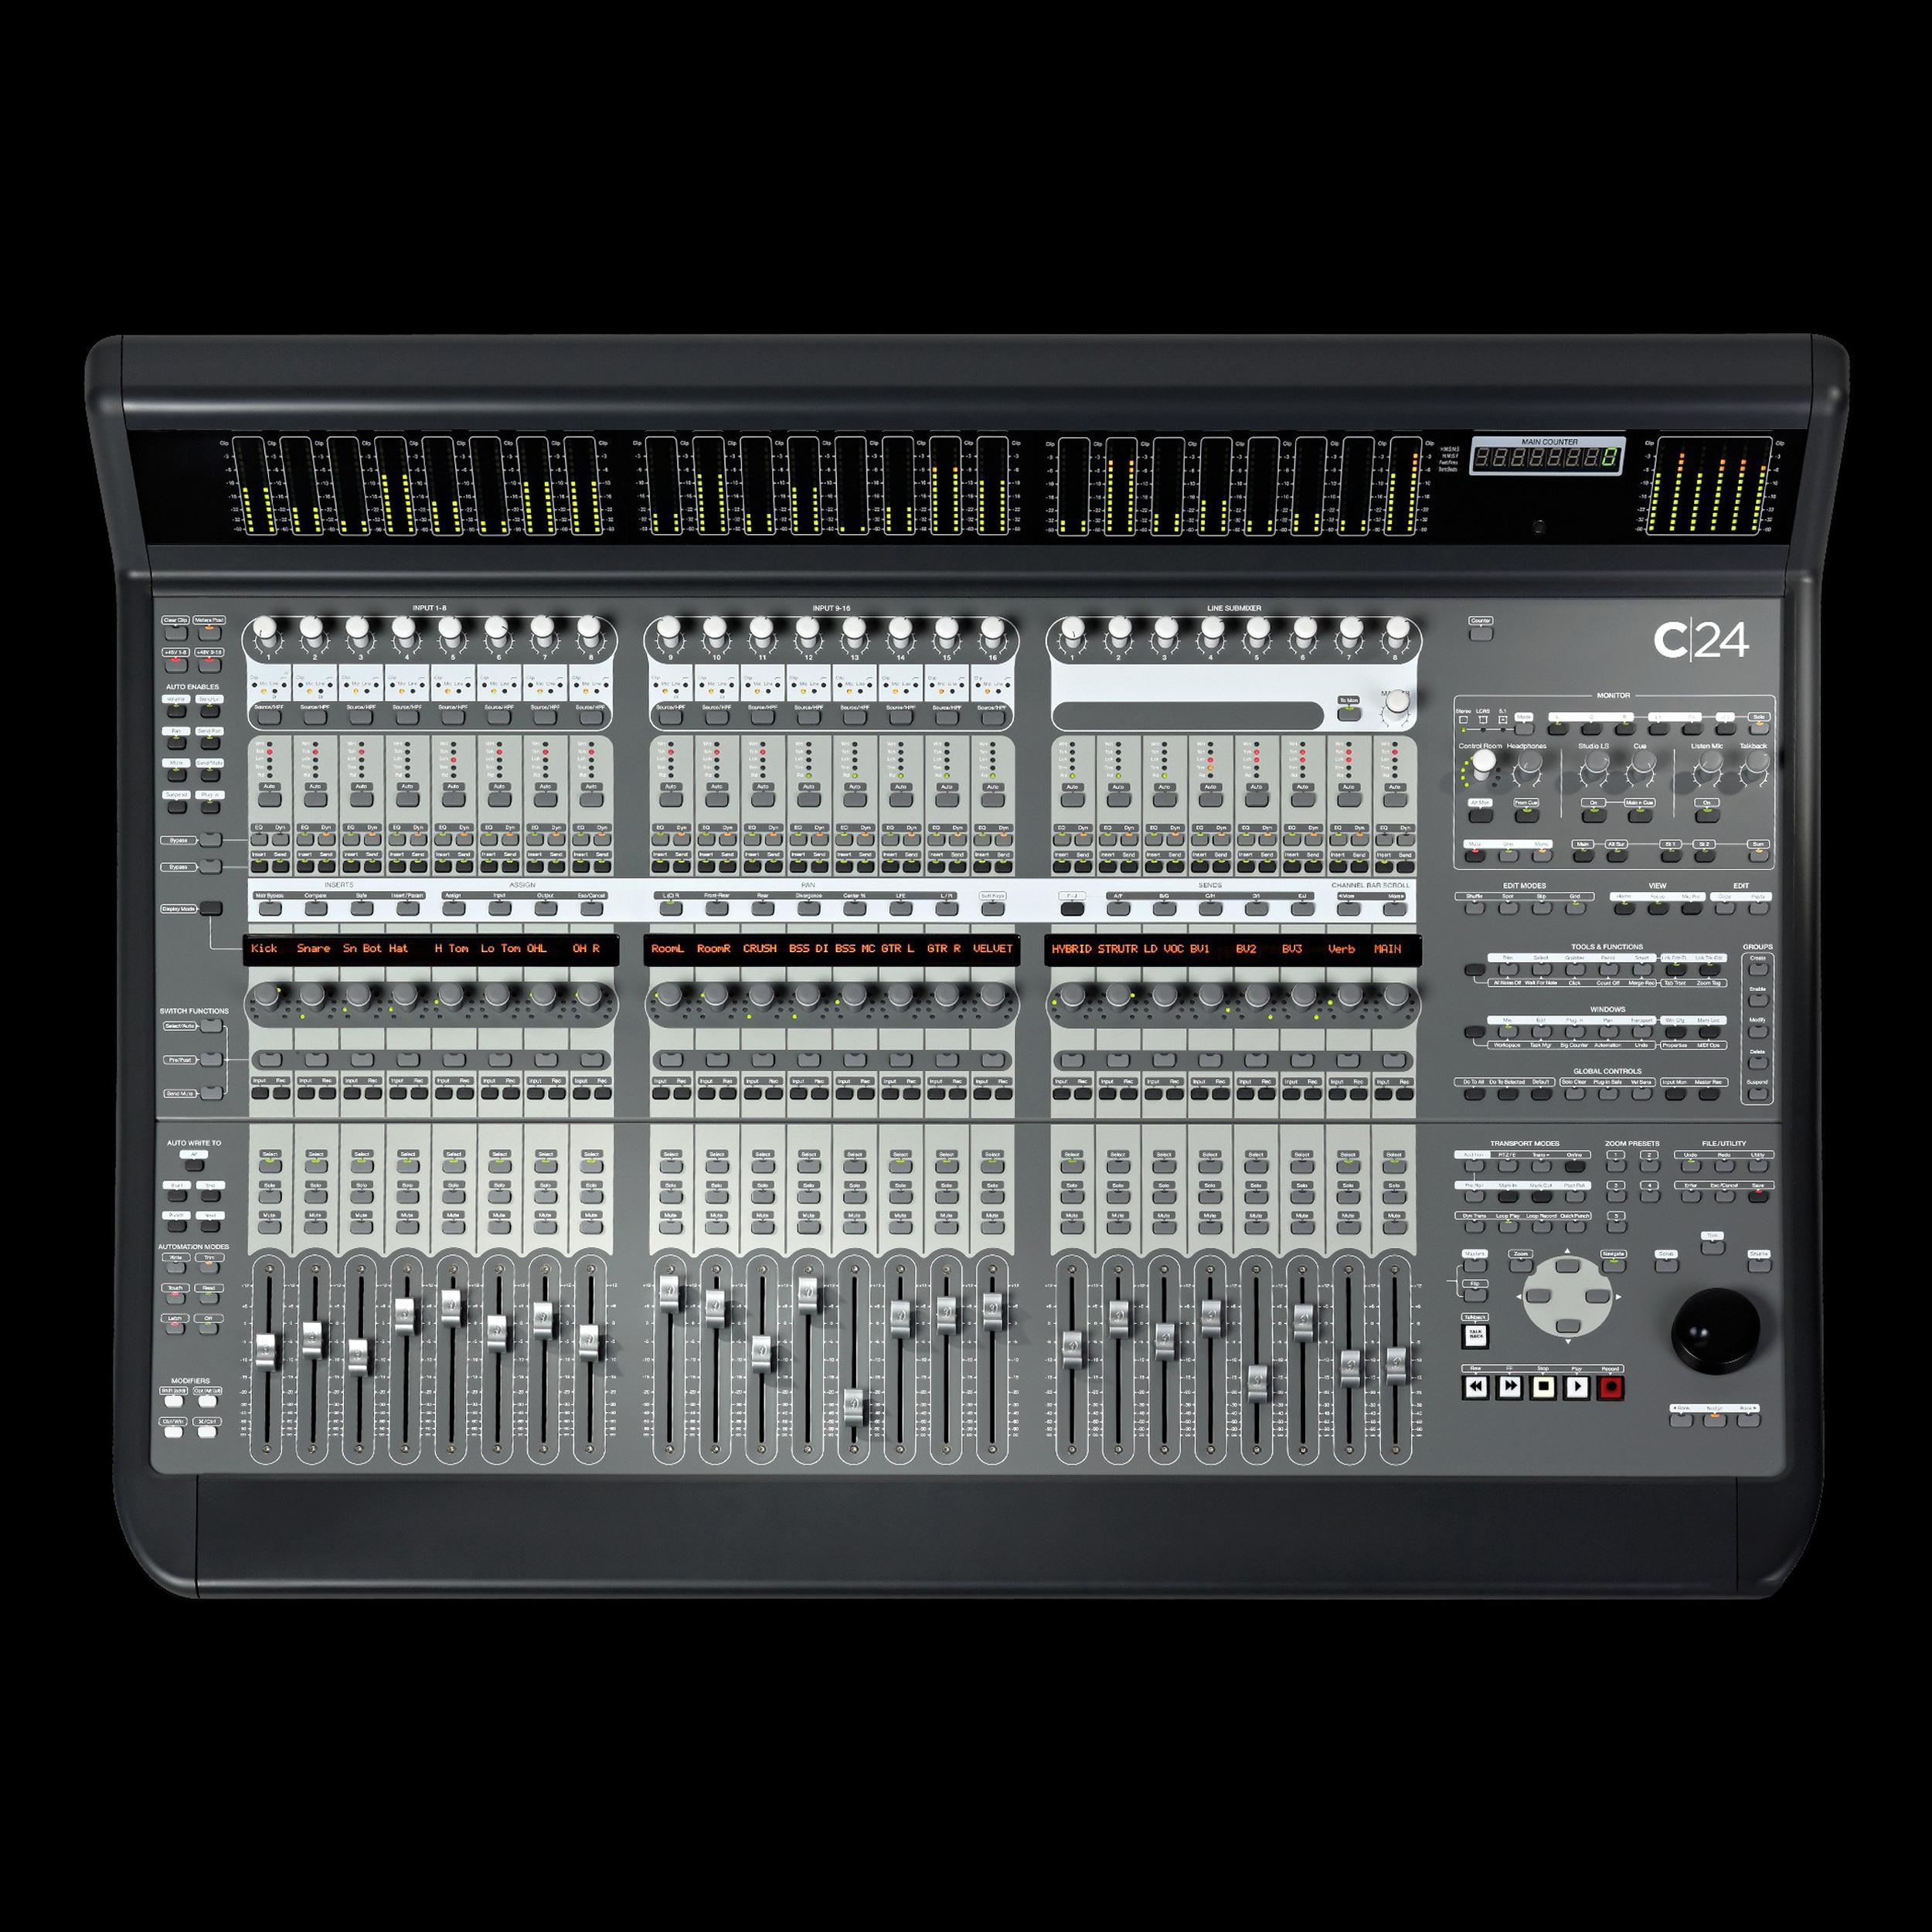 Digidesign Avid C24 Control Surface Altomusic